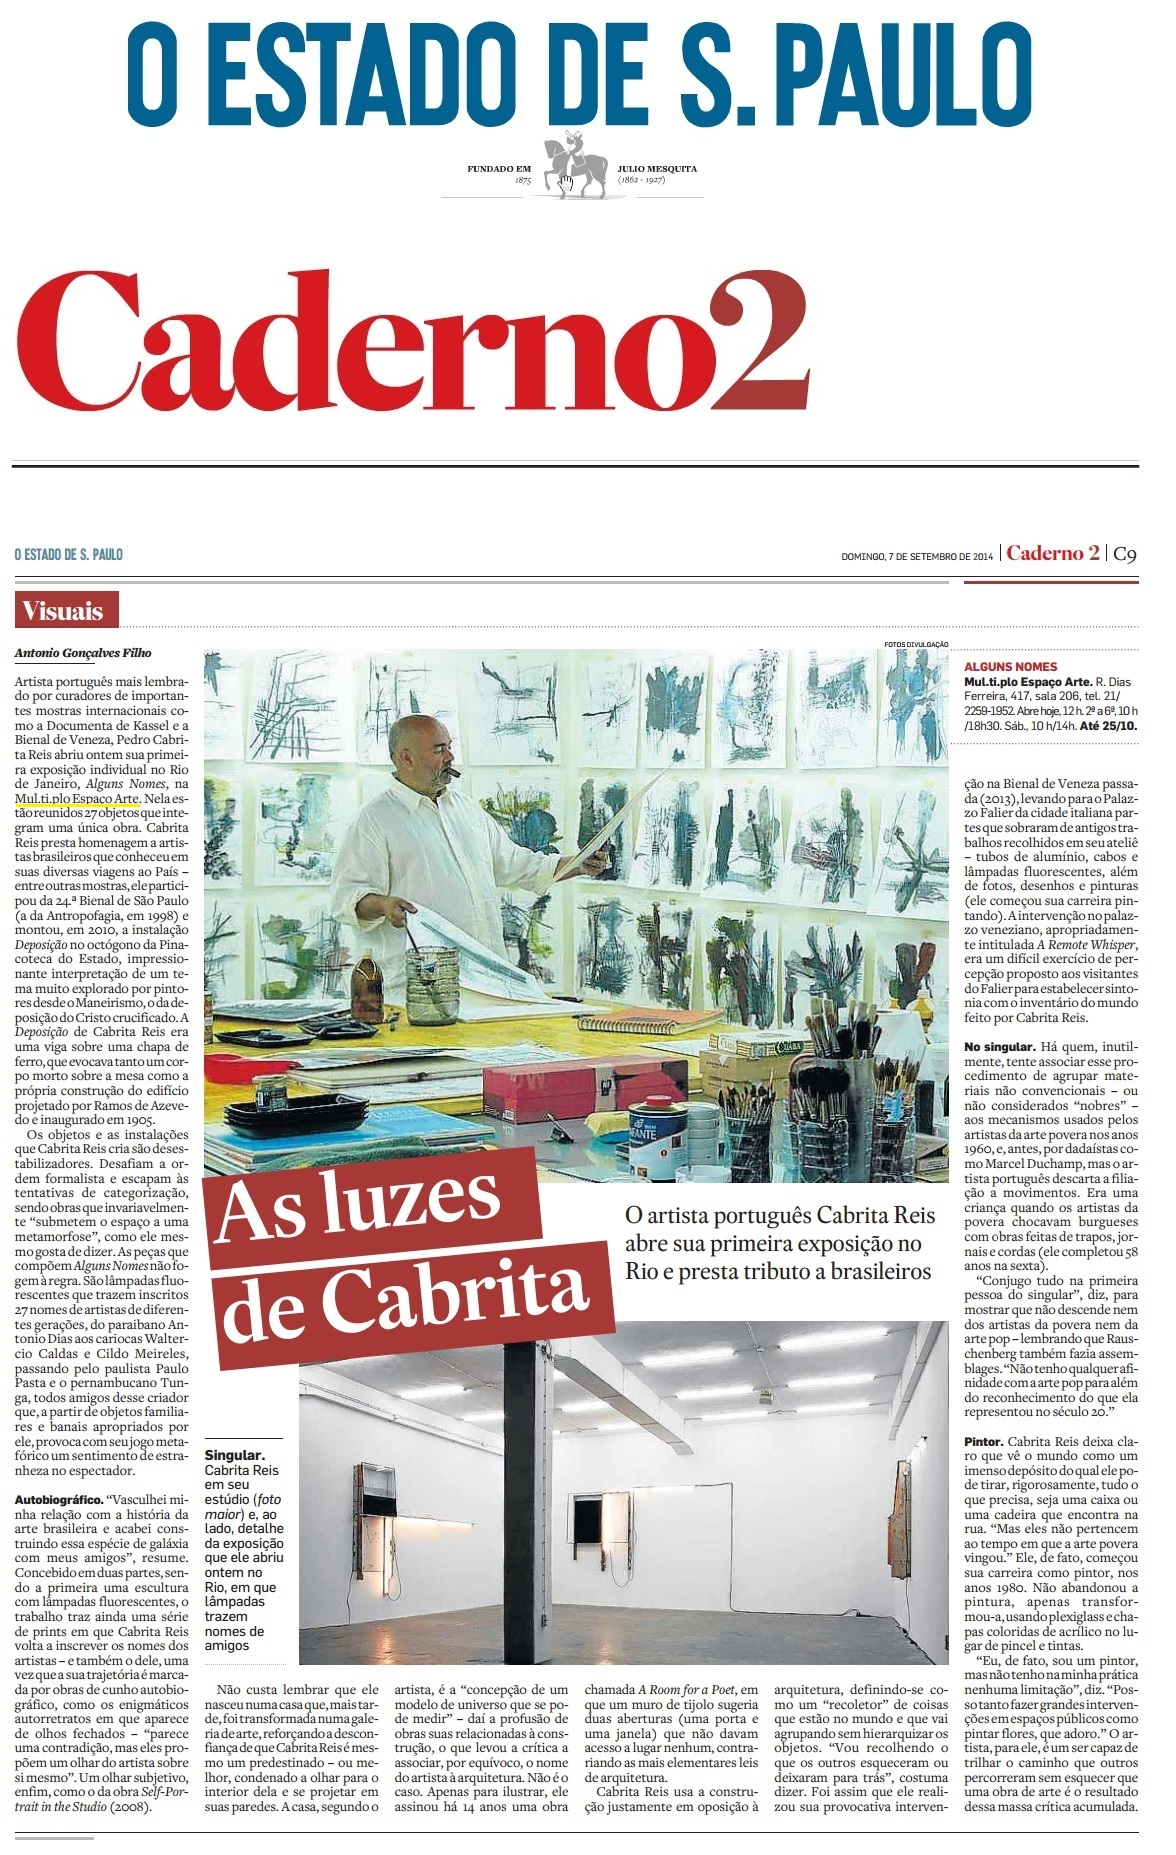 MUL. TI. PLO ESPAÇO ARTE NO CADERNO 2 - ESTADÃO 07.09.jpg